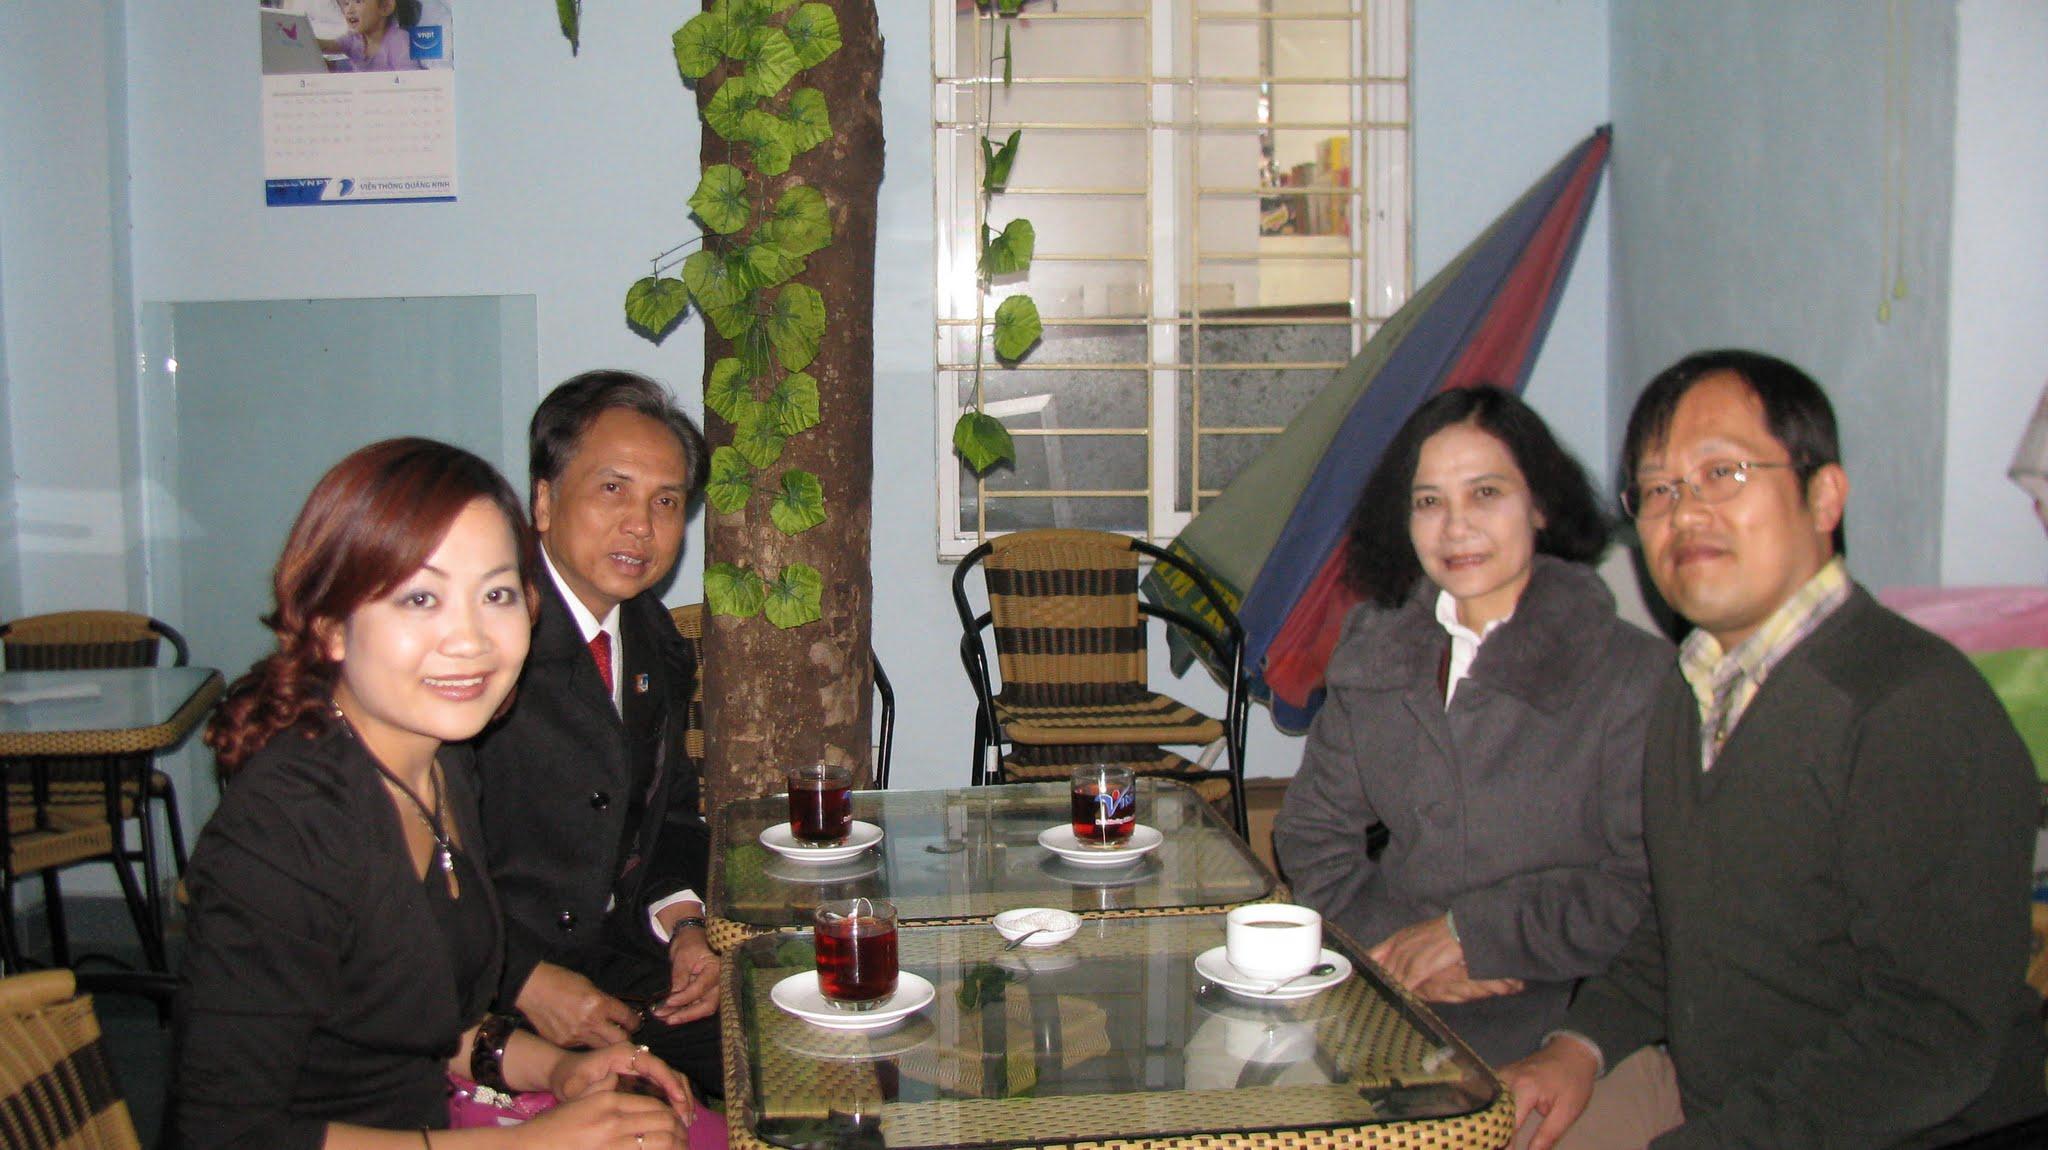 Photo: meeting Dr. Ho's parents